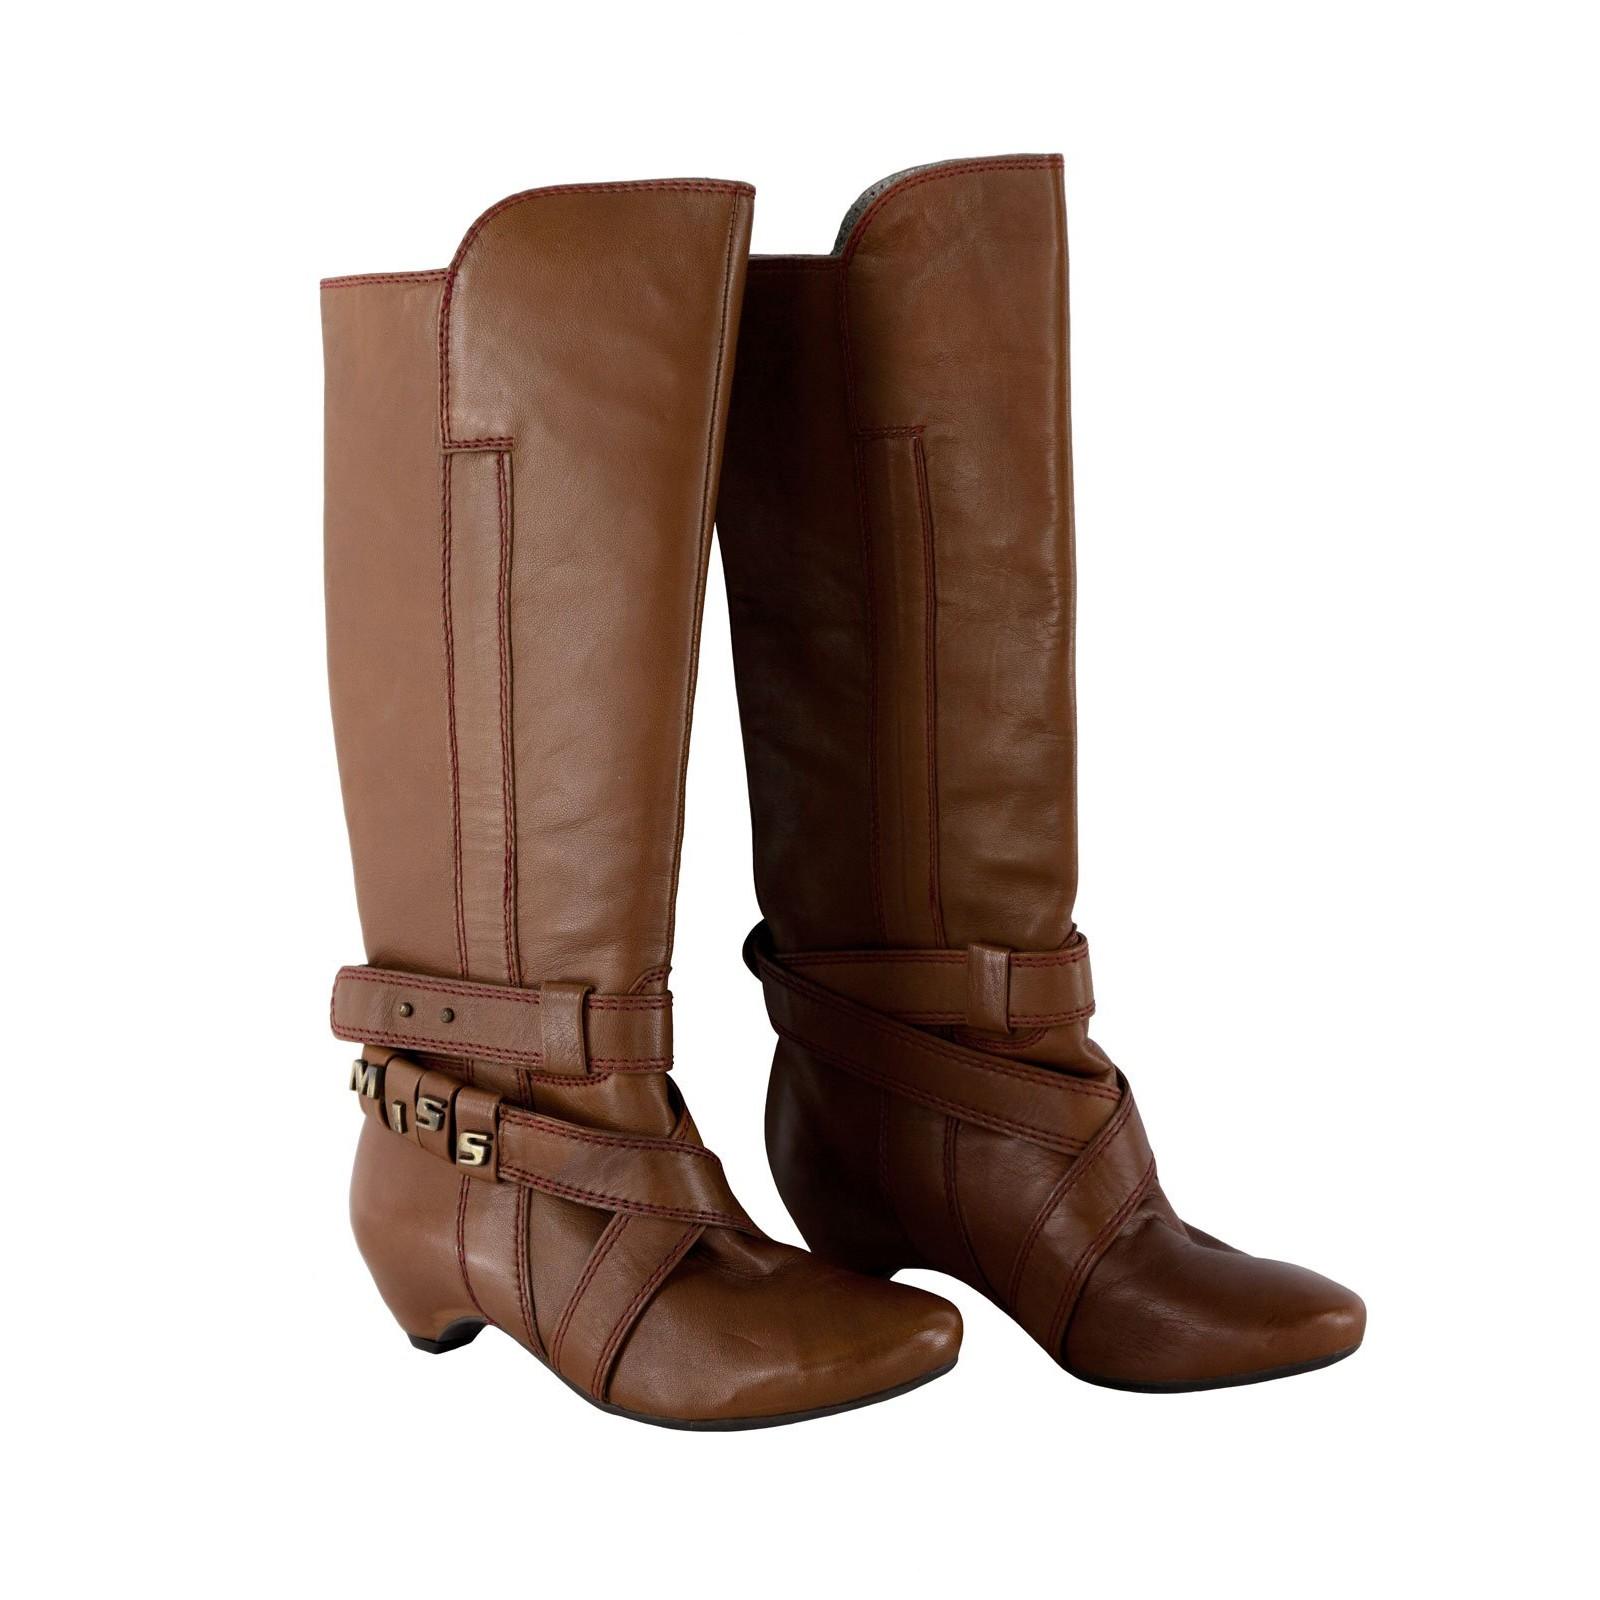 MISS SIXTY Damen Stiefel Boots PENNY in Hellbraun mit geradem Schaft Leder 2581